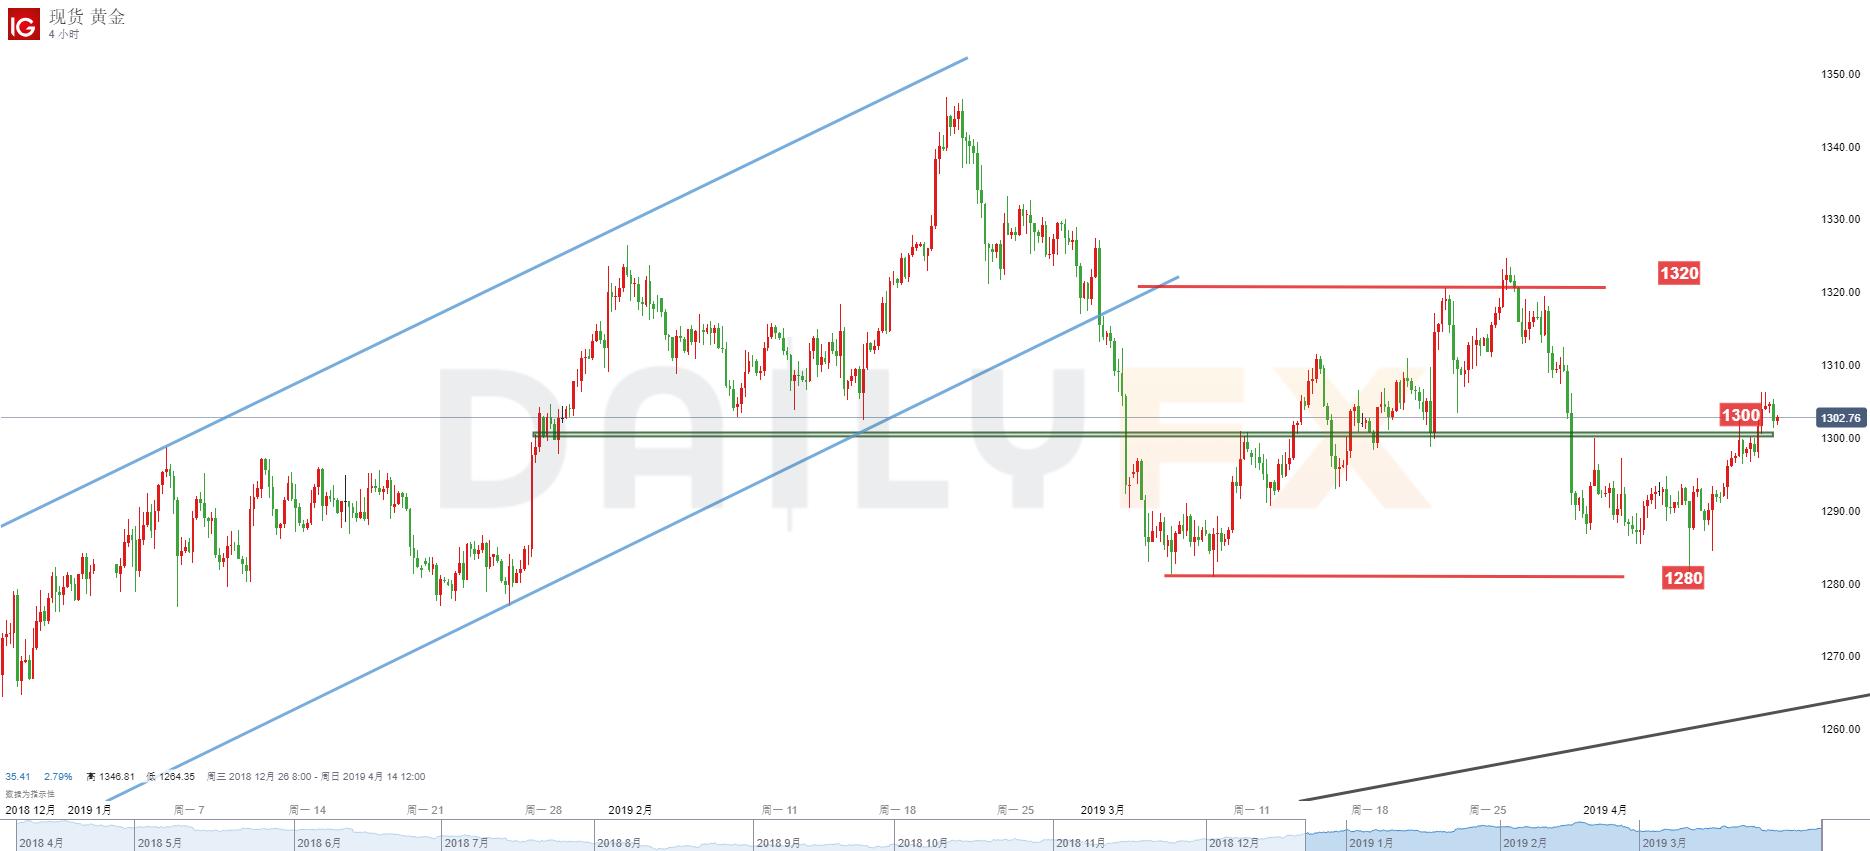 黄金/美元技术分析:继续关注1300关口